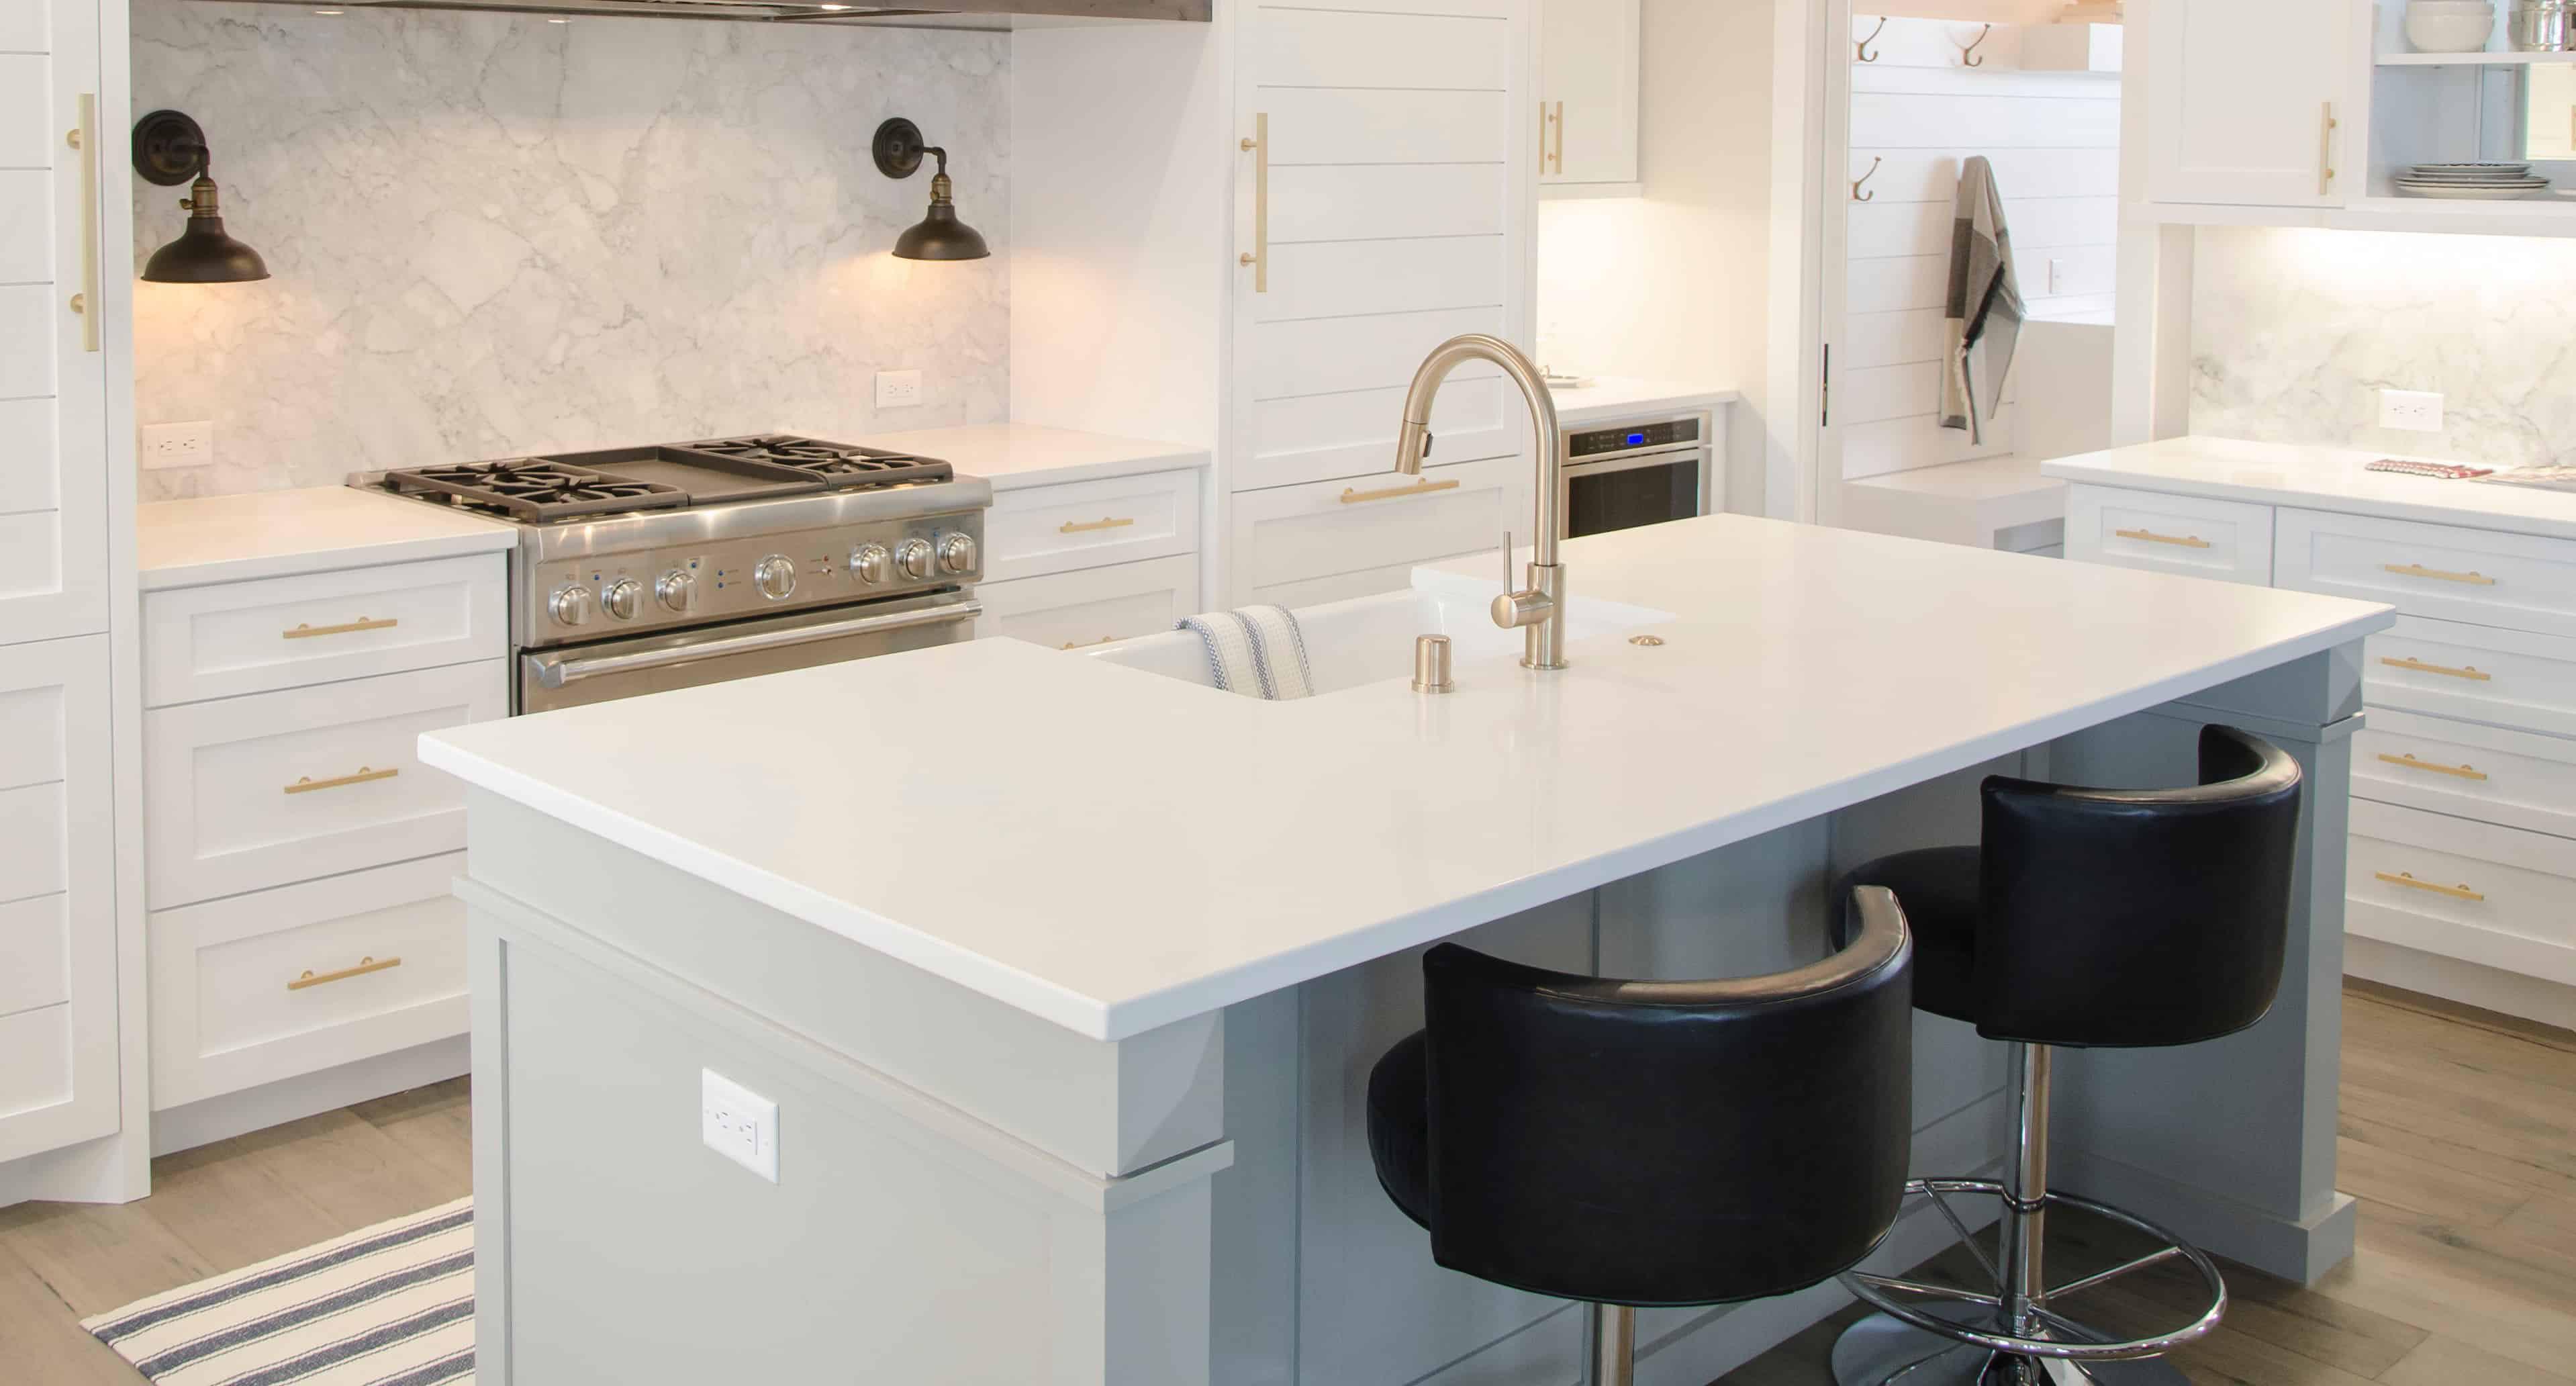 Image of Quartz Countertops